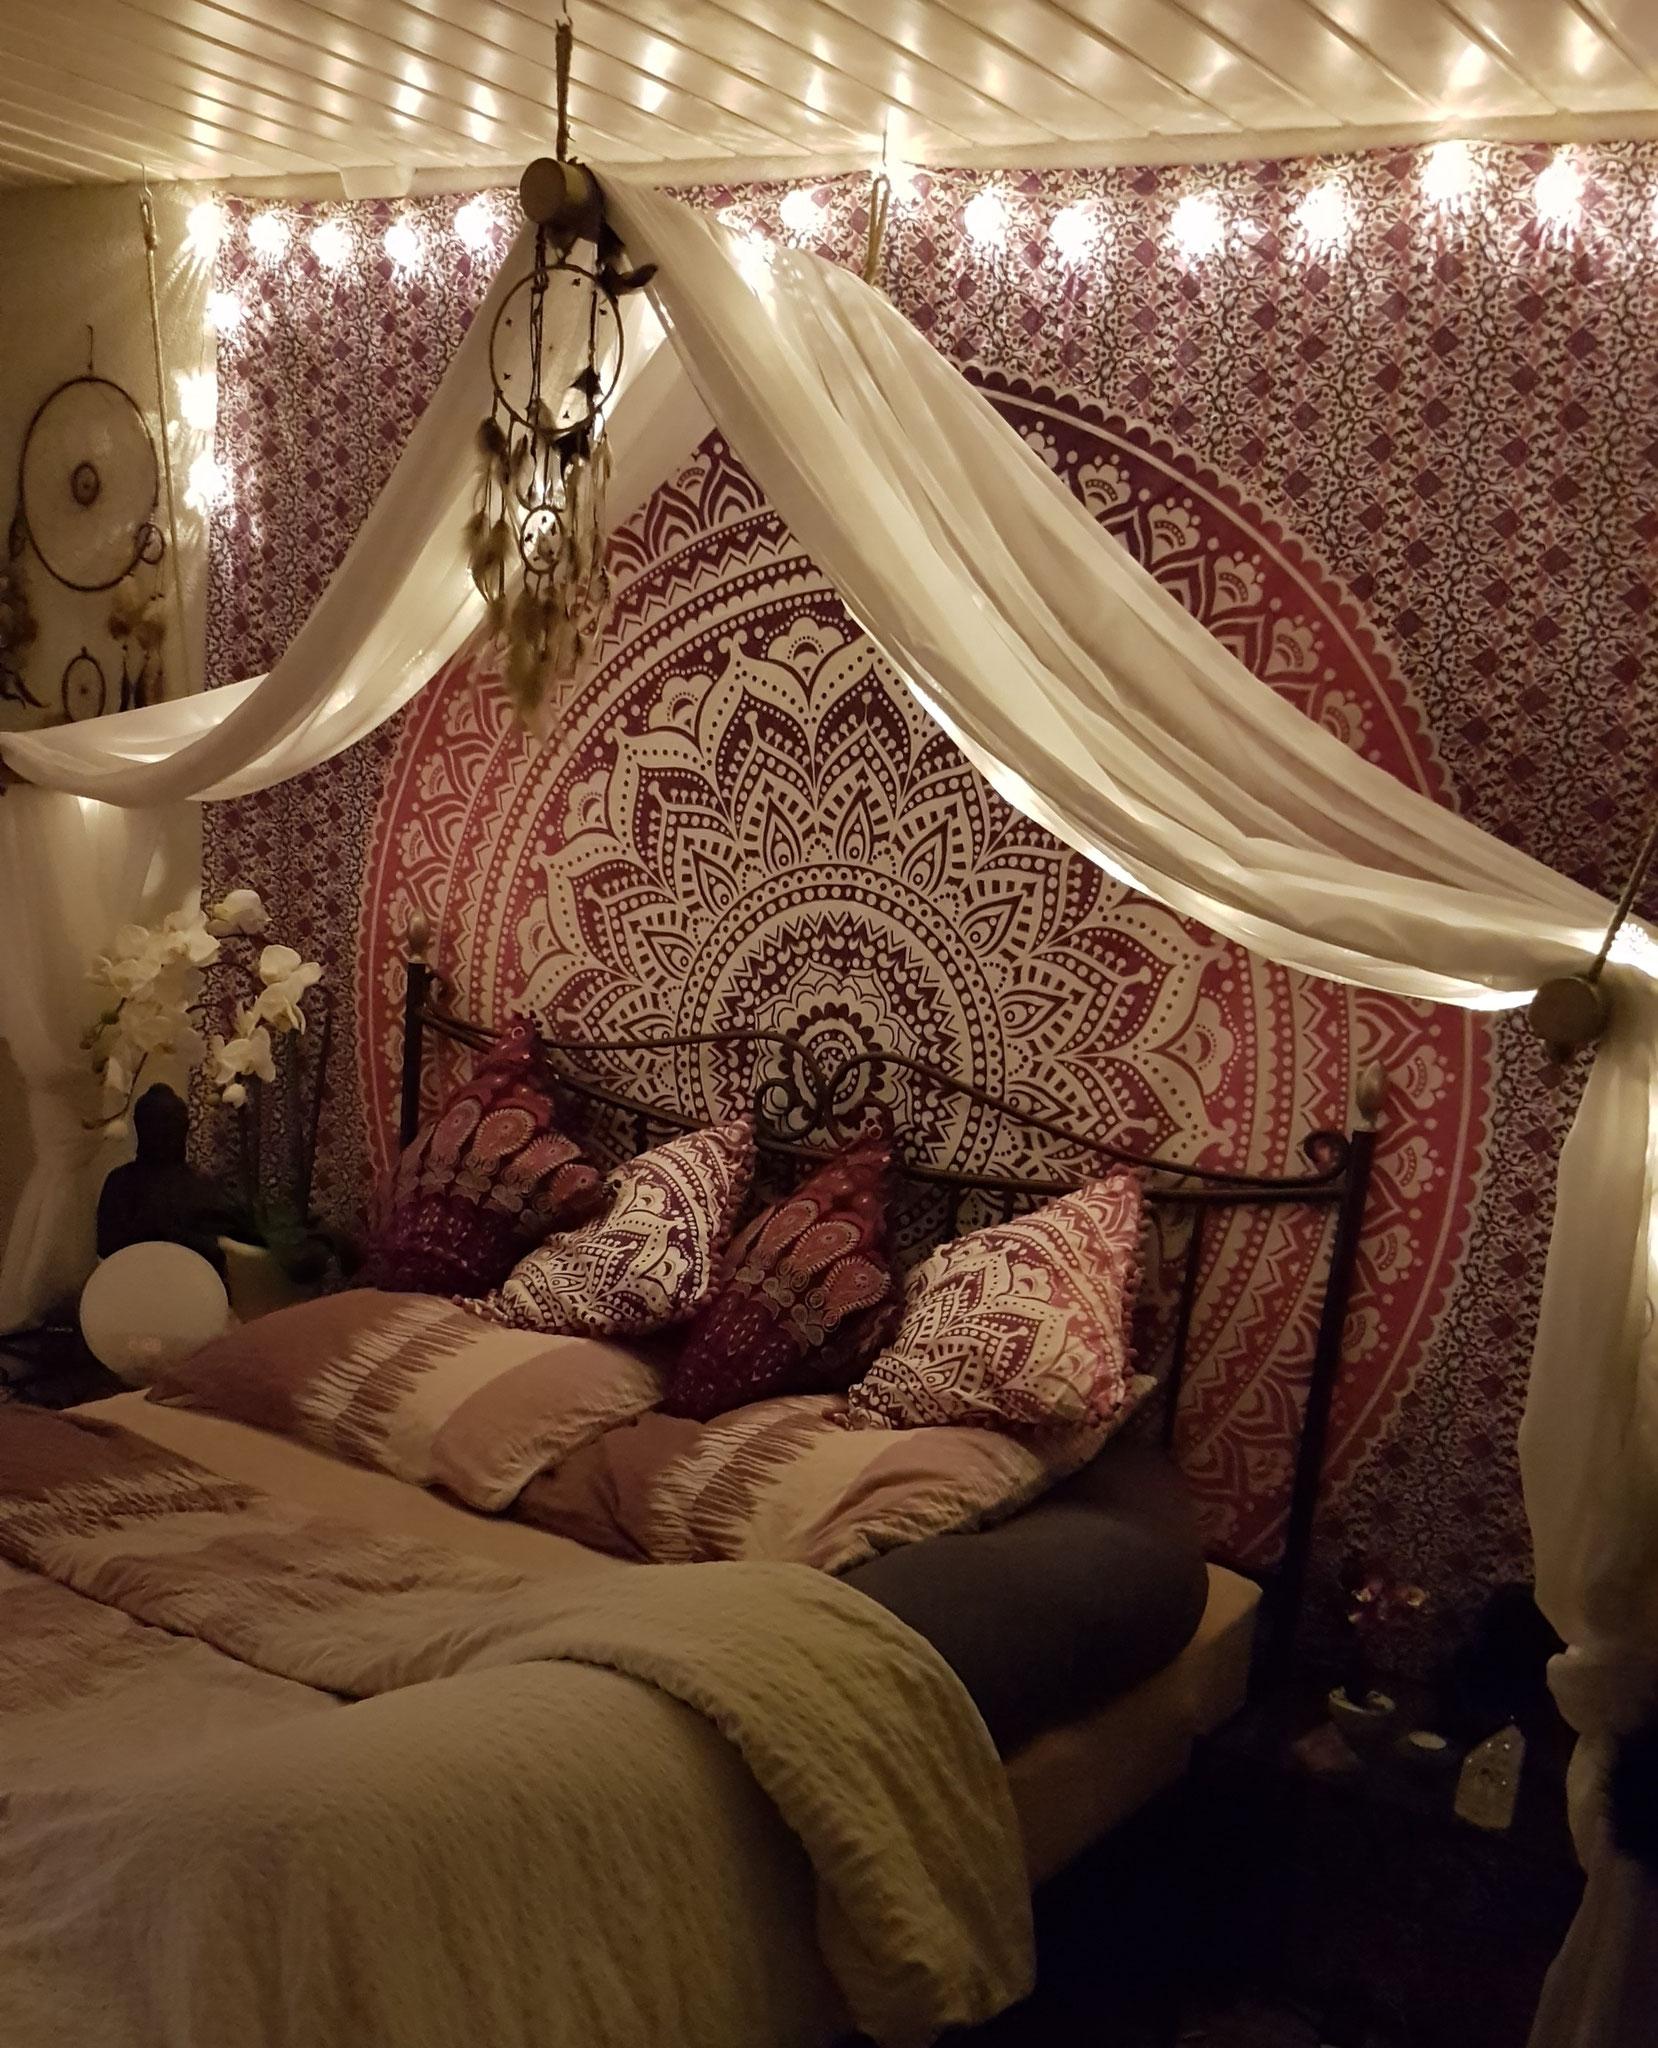 Zentrales Wandtuch mit Dekoschal und Lichterketten über dem Bett